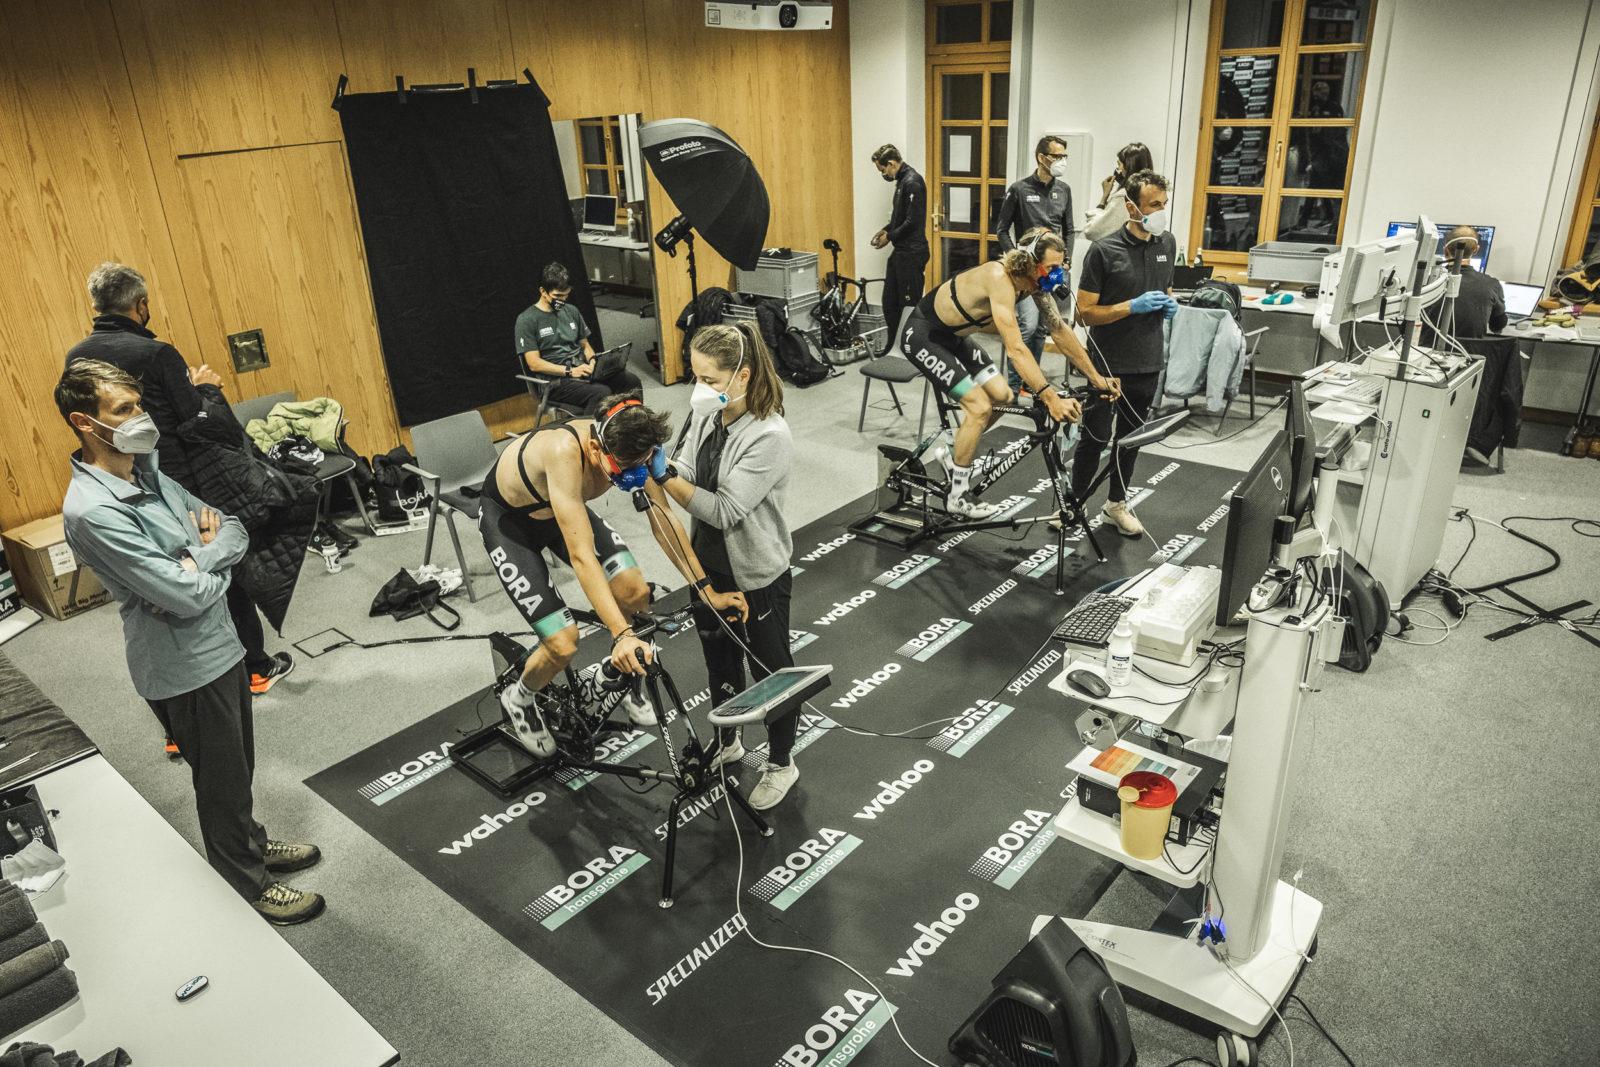 Testaufbau mit zwei Radfahrern an Ergometern trainierend mit überwachenden medizinischen Angestellten